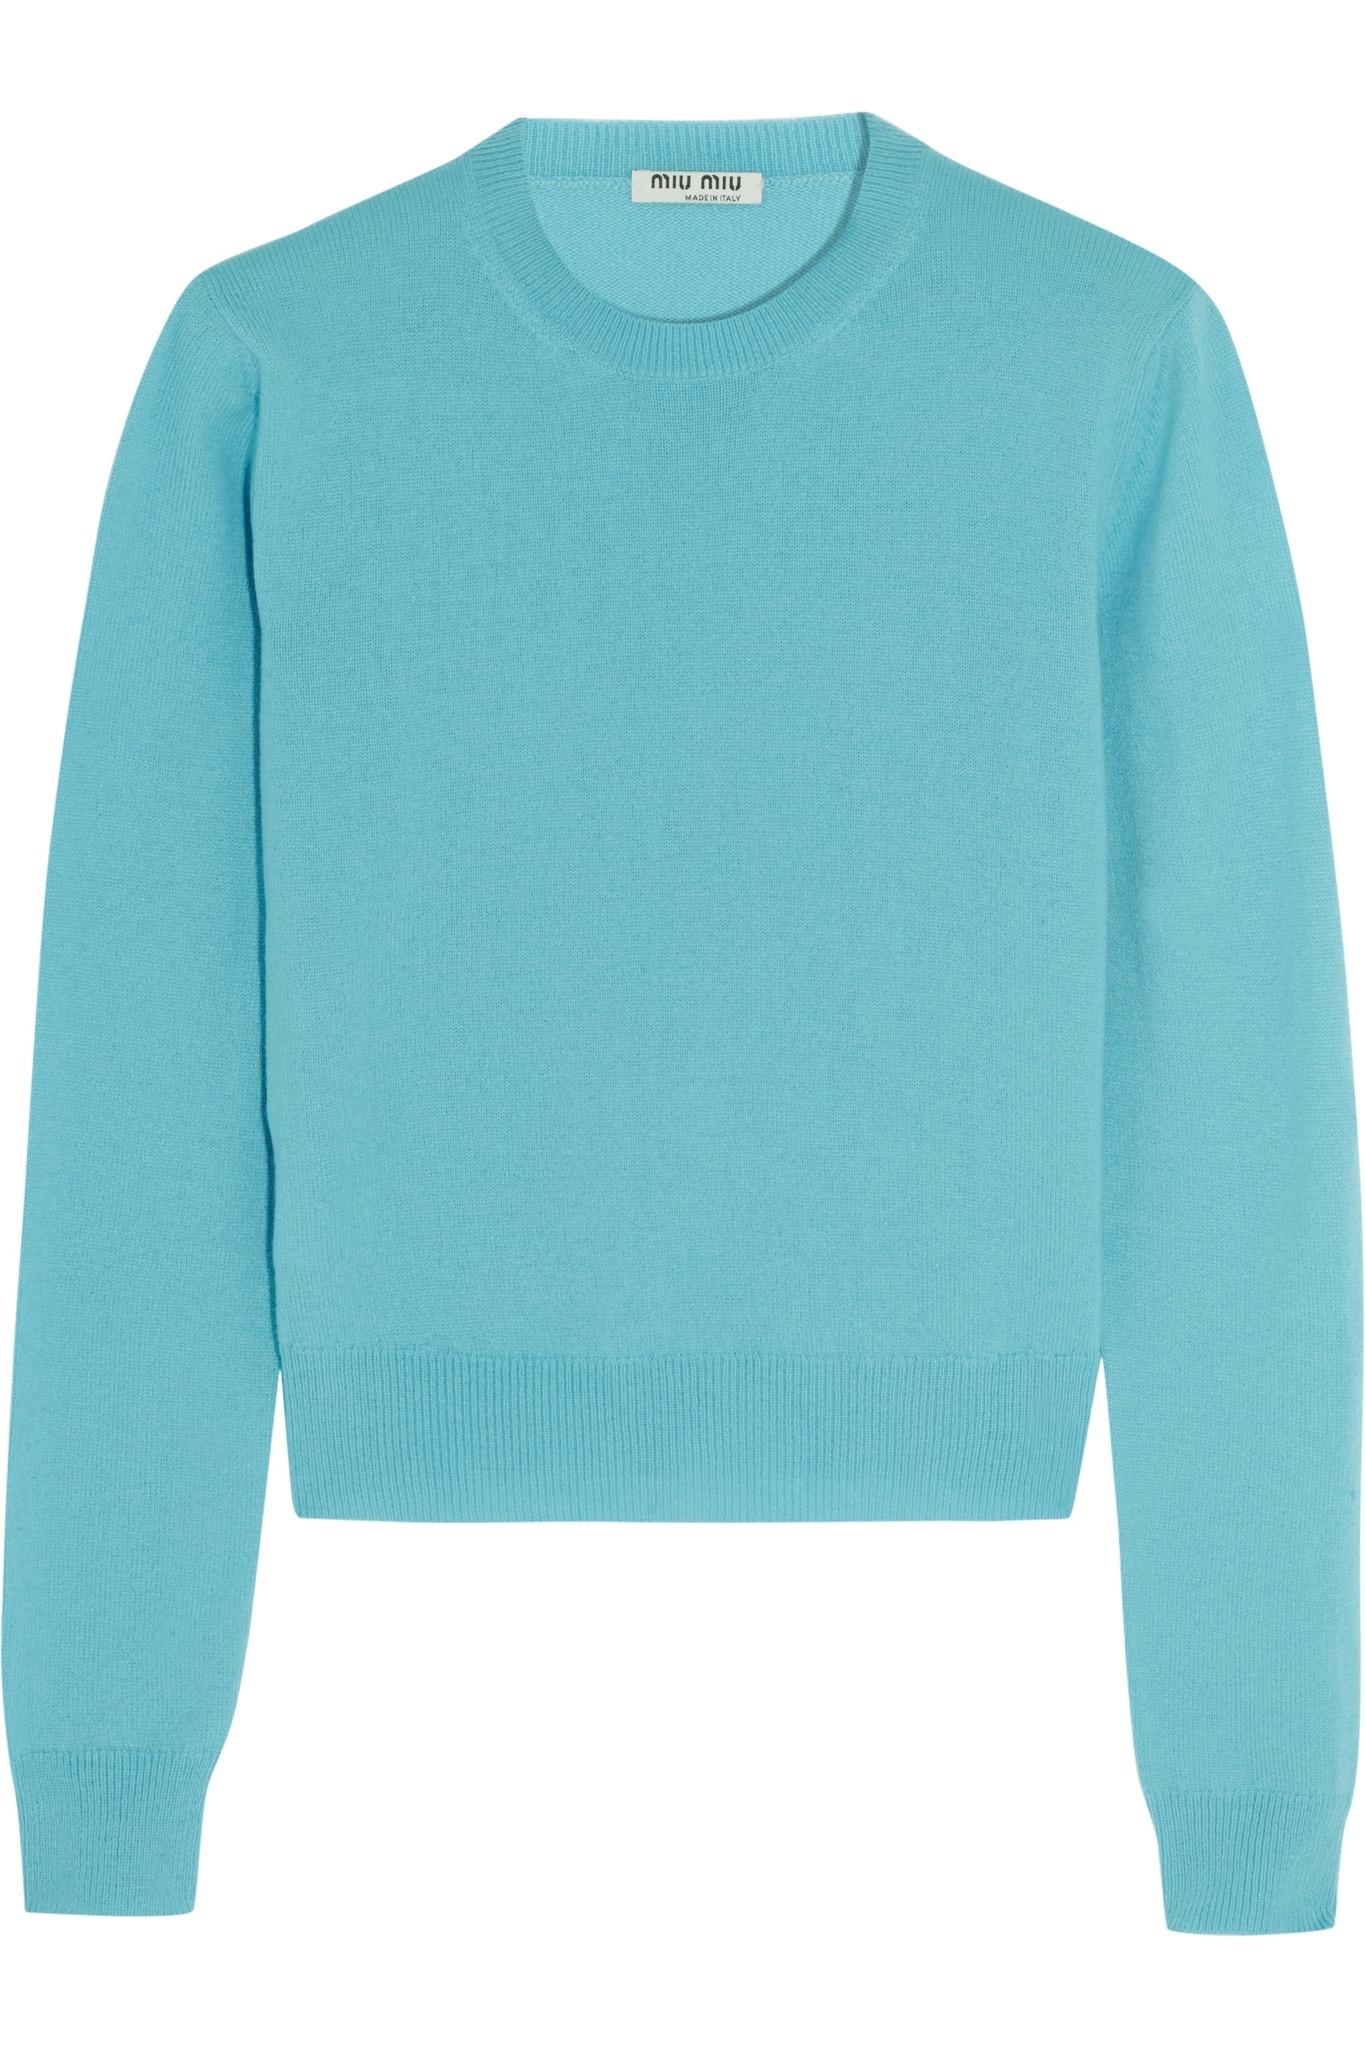 Miu miu - Cashmere Sweater - Turquoise in Blue | Lyst